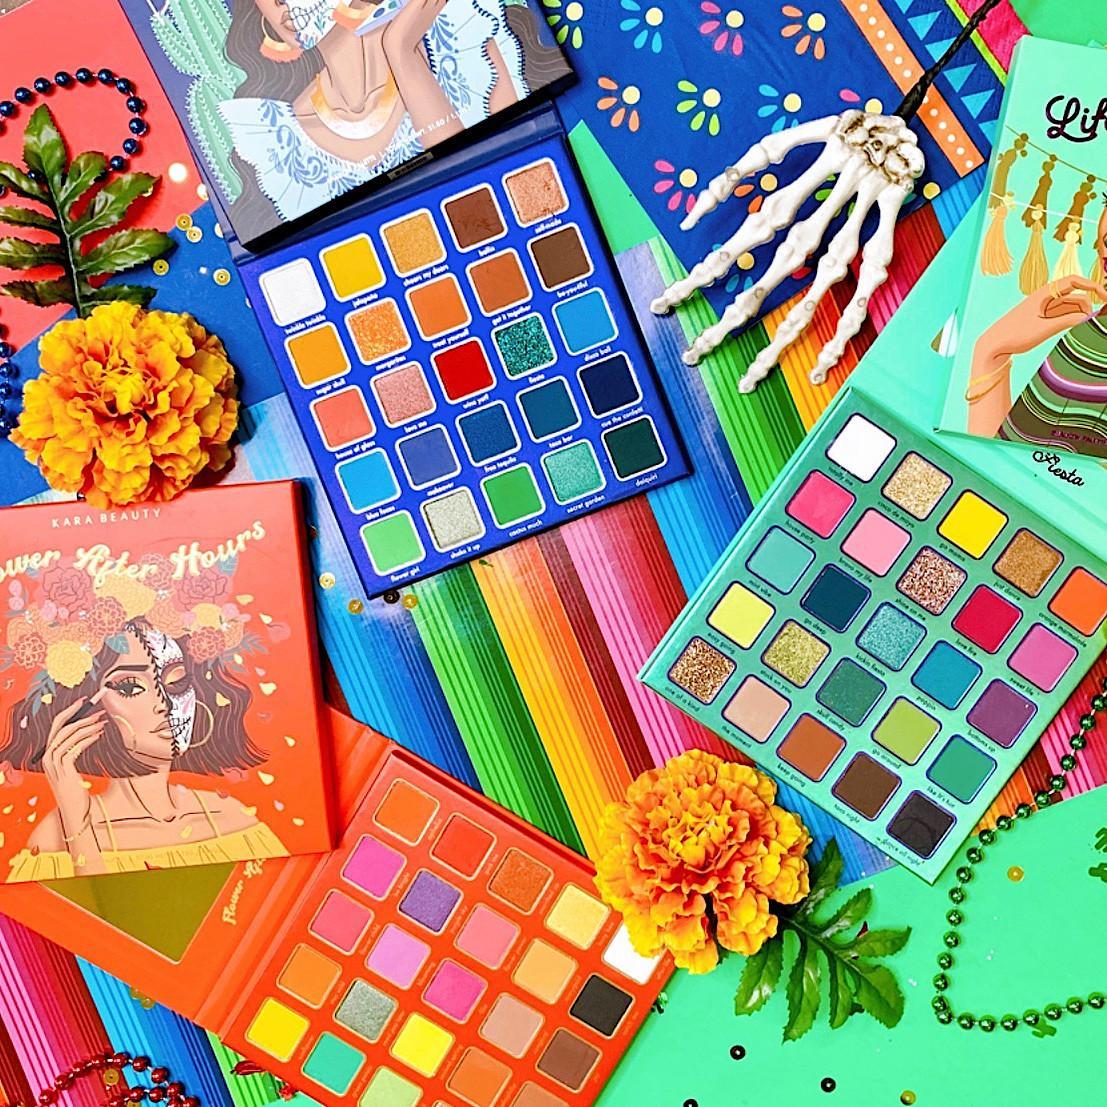 Kara Beauty Skull Candy (Dia de Los Muertos) Post Cover